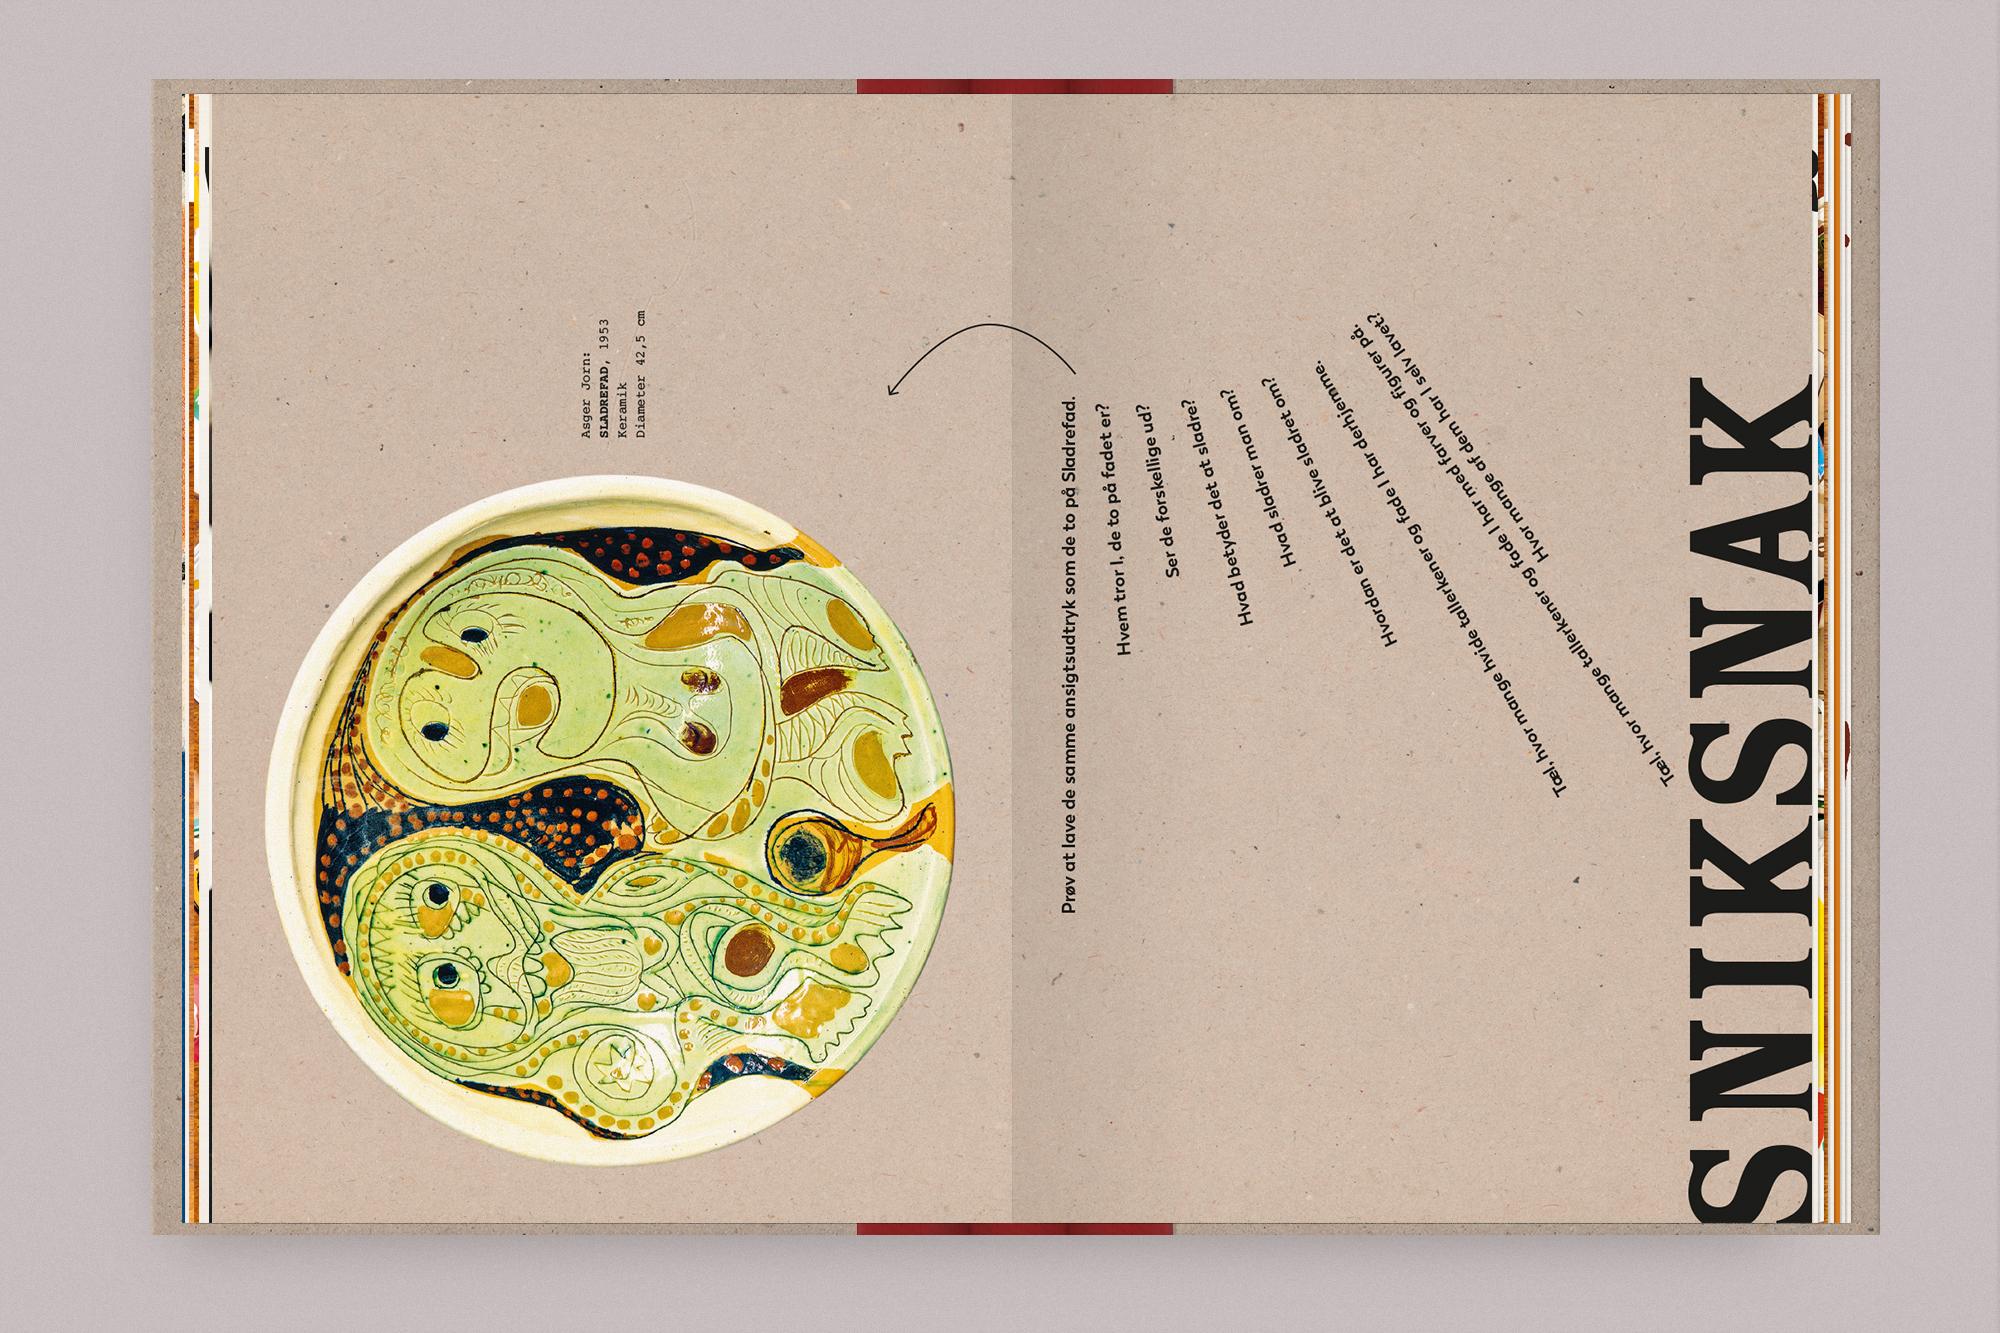 100-eksperimenter-asger-jorn-bogdesign-grafisk-museum-malene-hald-32